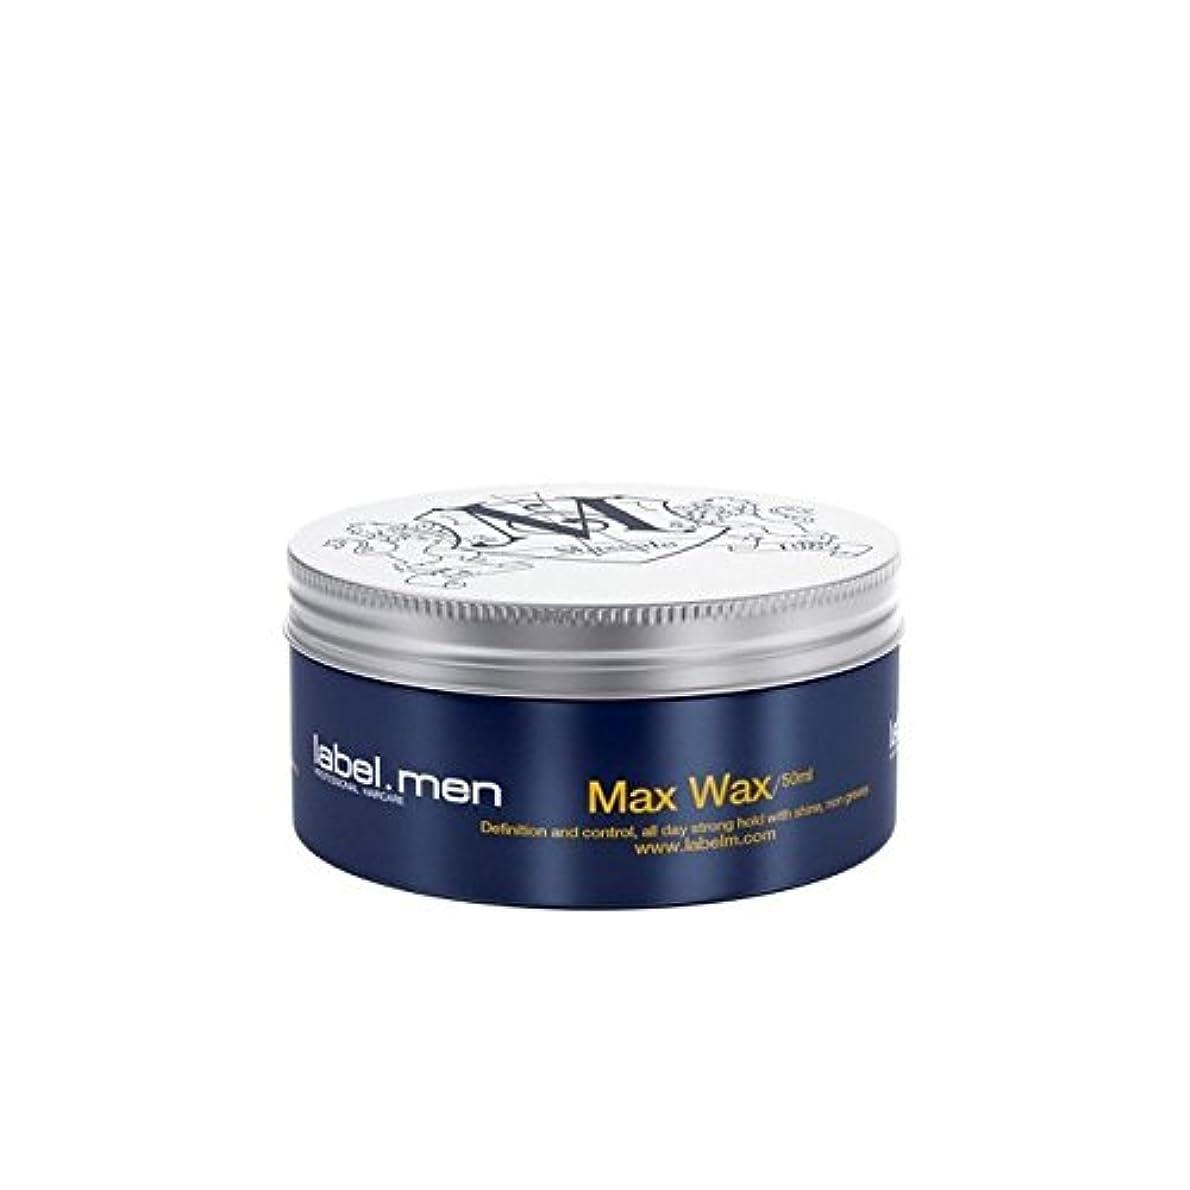 お互い意外キリストLabel.Men Max Wax (50ml) - .マックスワックス(50ミリリットル) [並行輸入品]